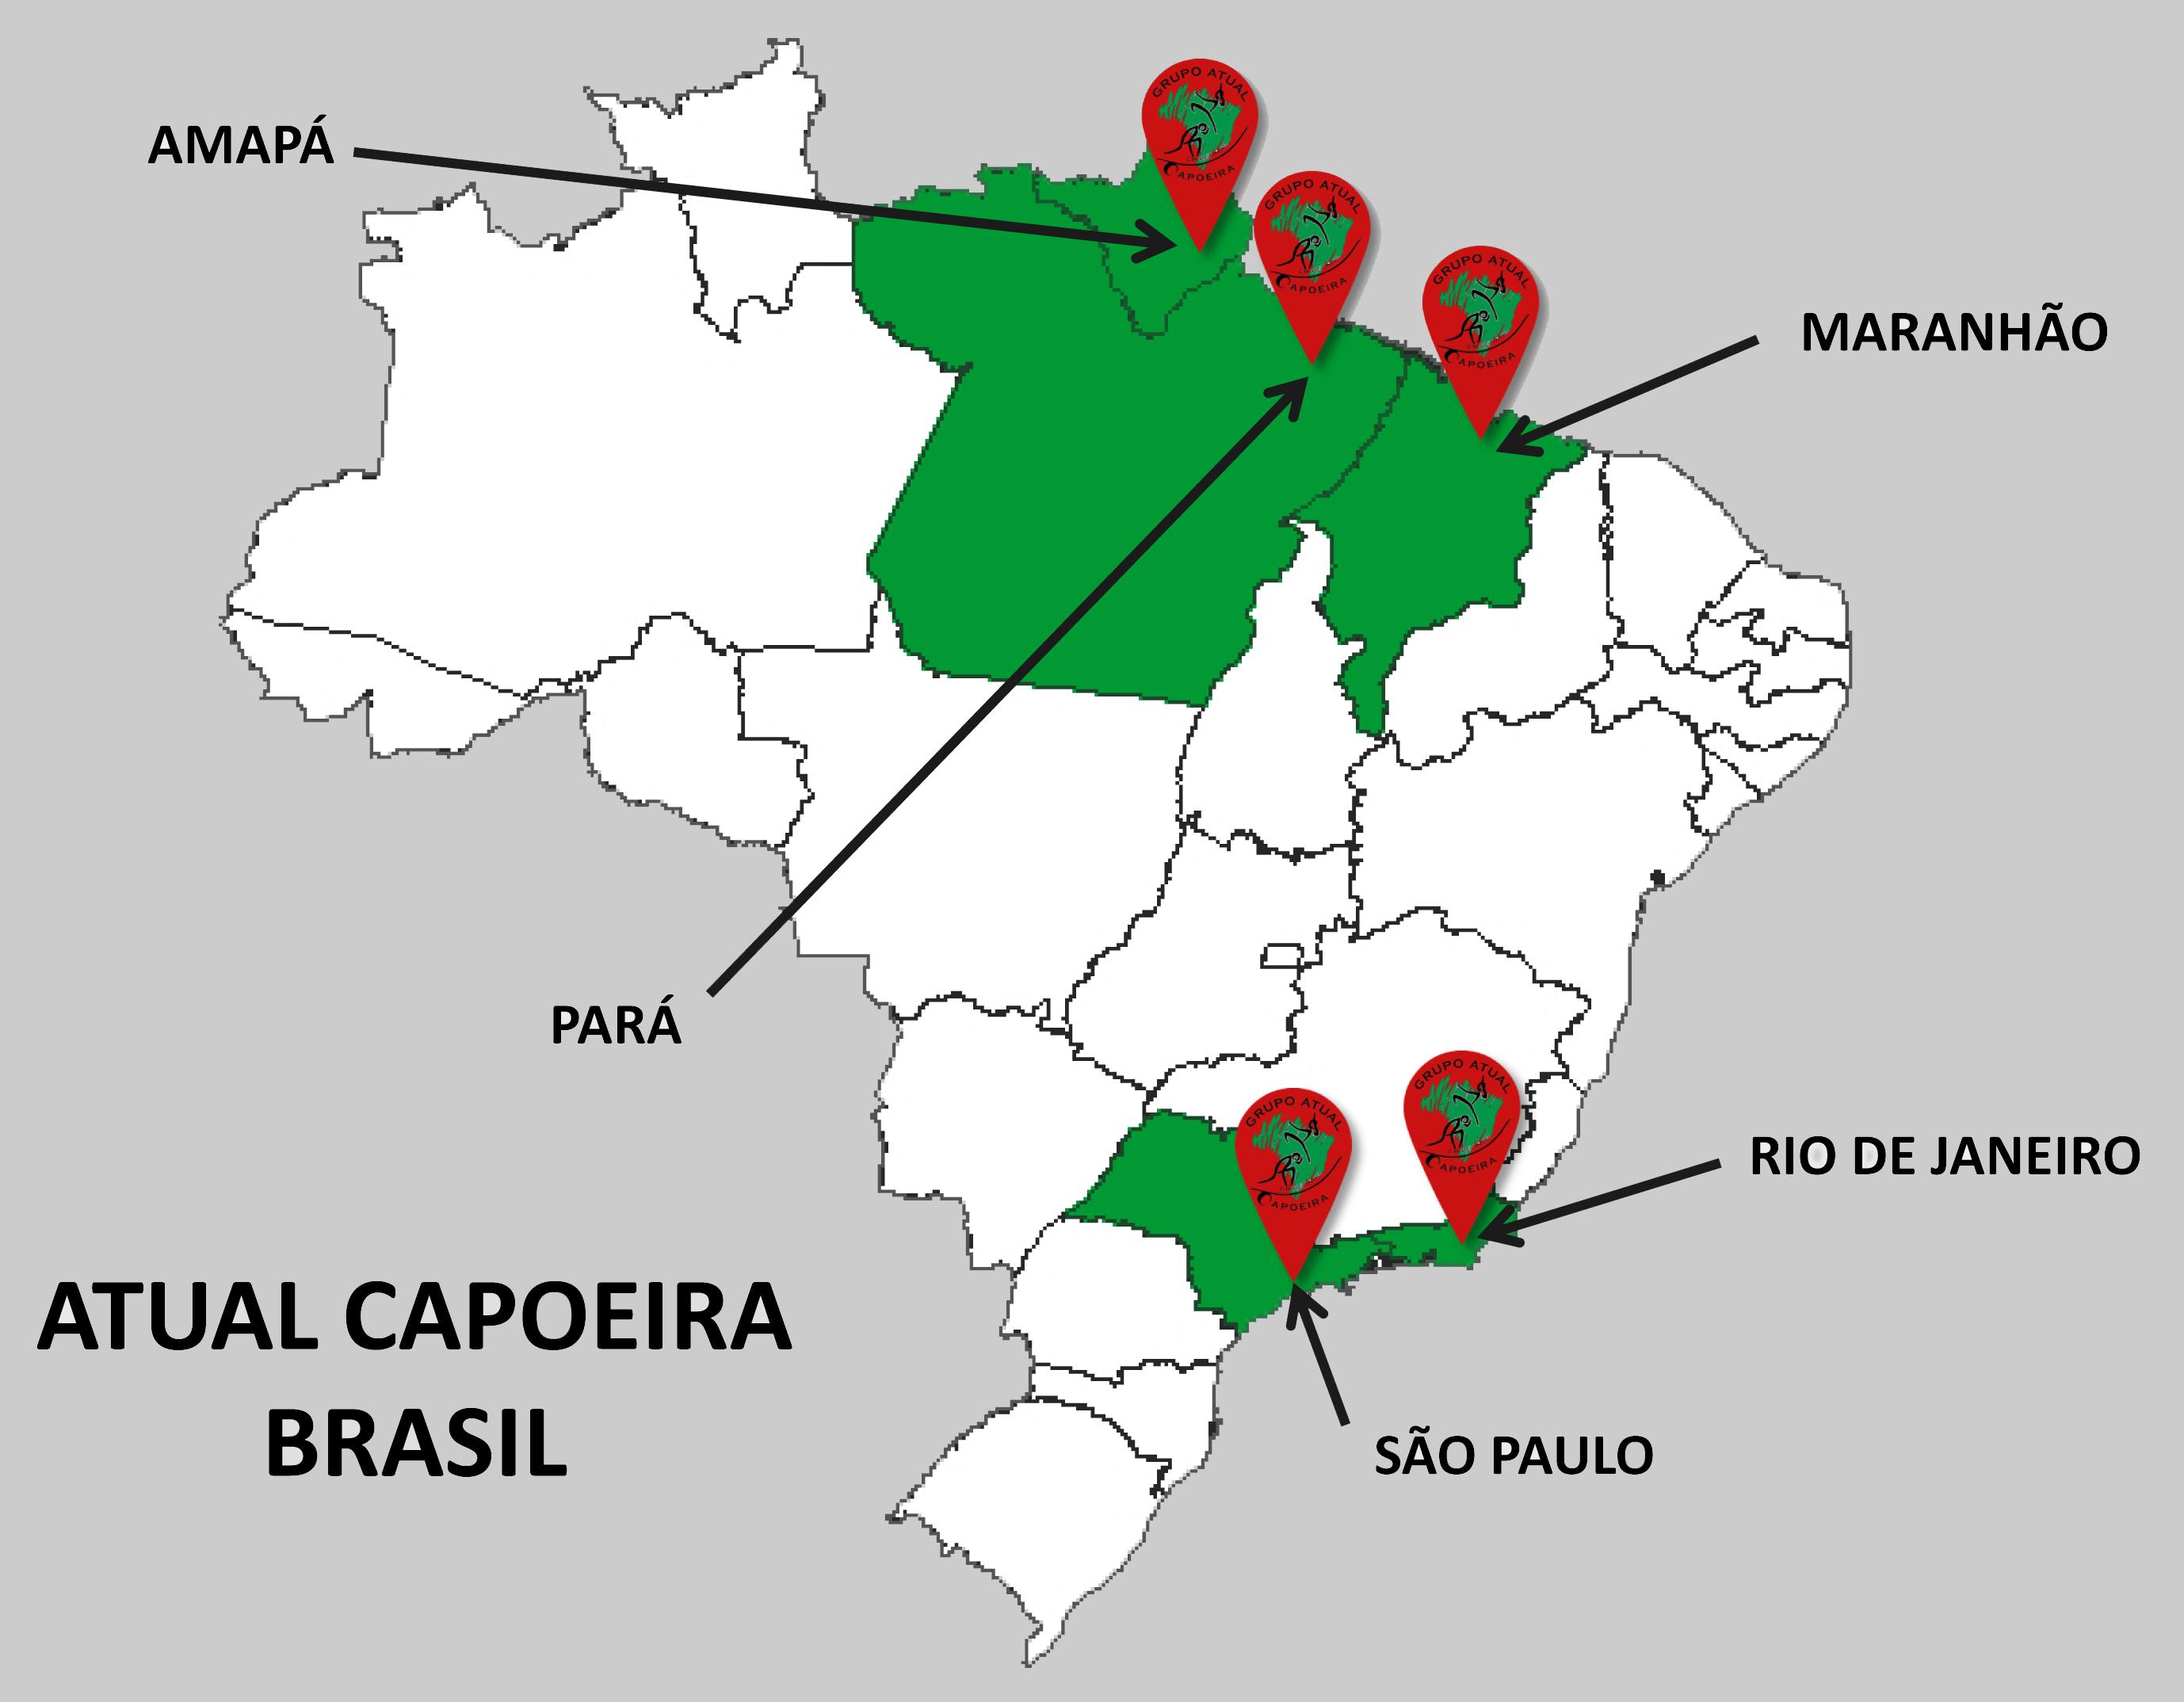 Carte Brésil ATUAL CAPOEIRA